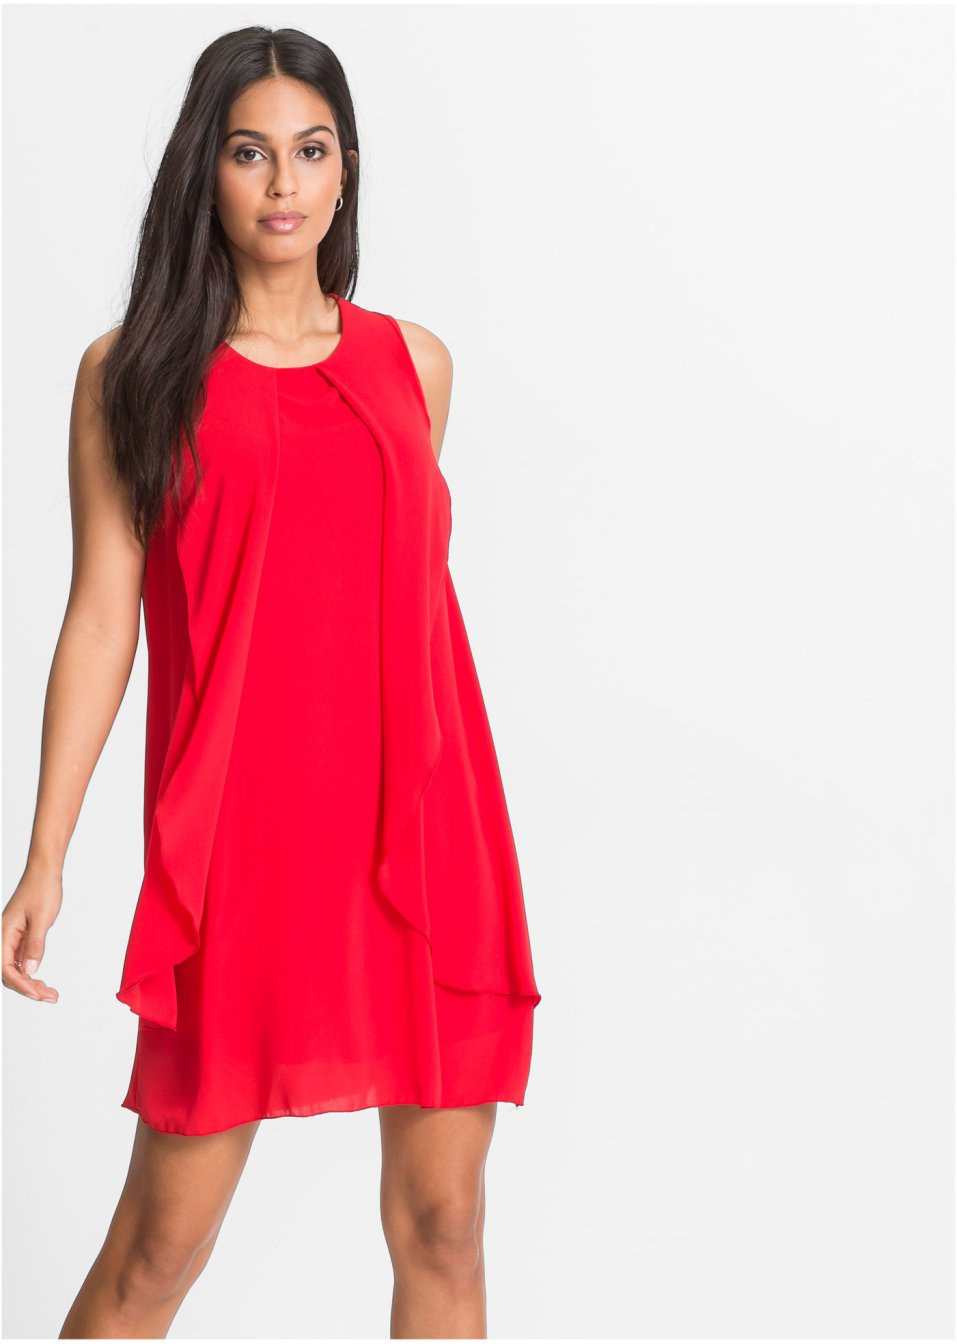 Kleid Rot  Damen  Bonprixat